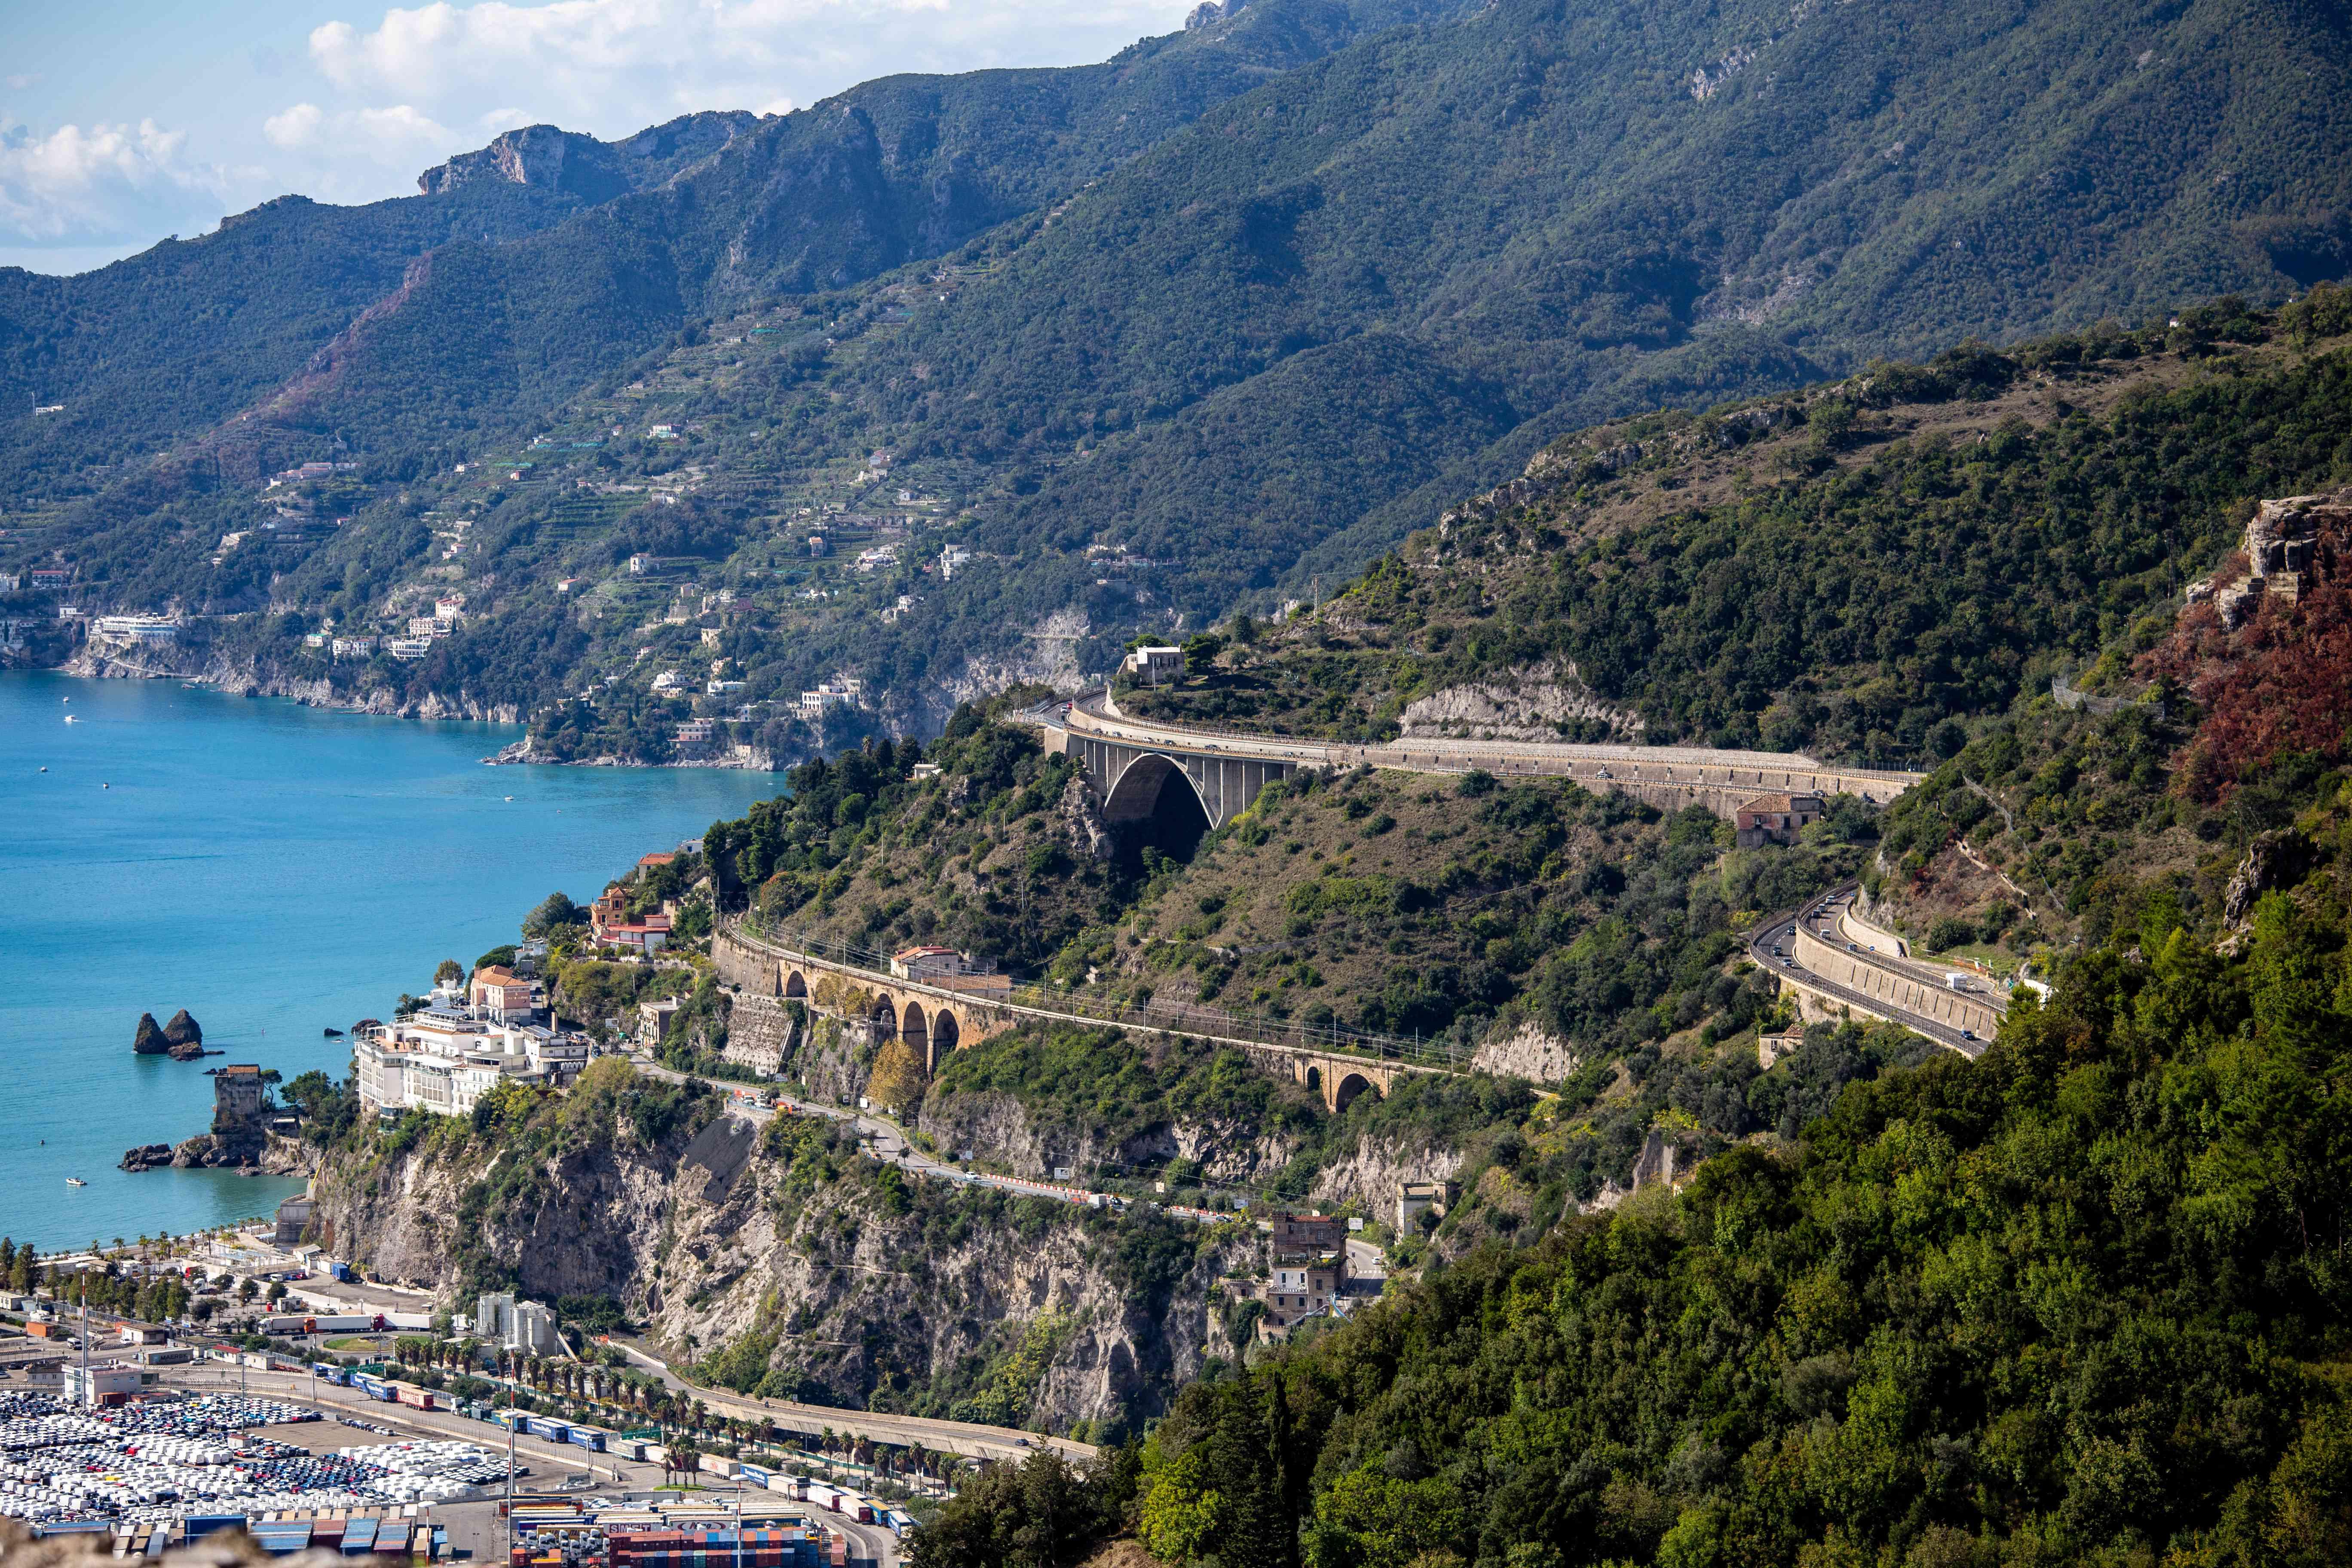 The Coast Road in the Amalfi Coast, Italy